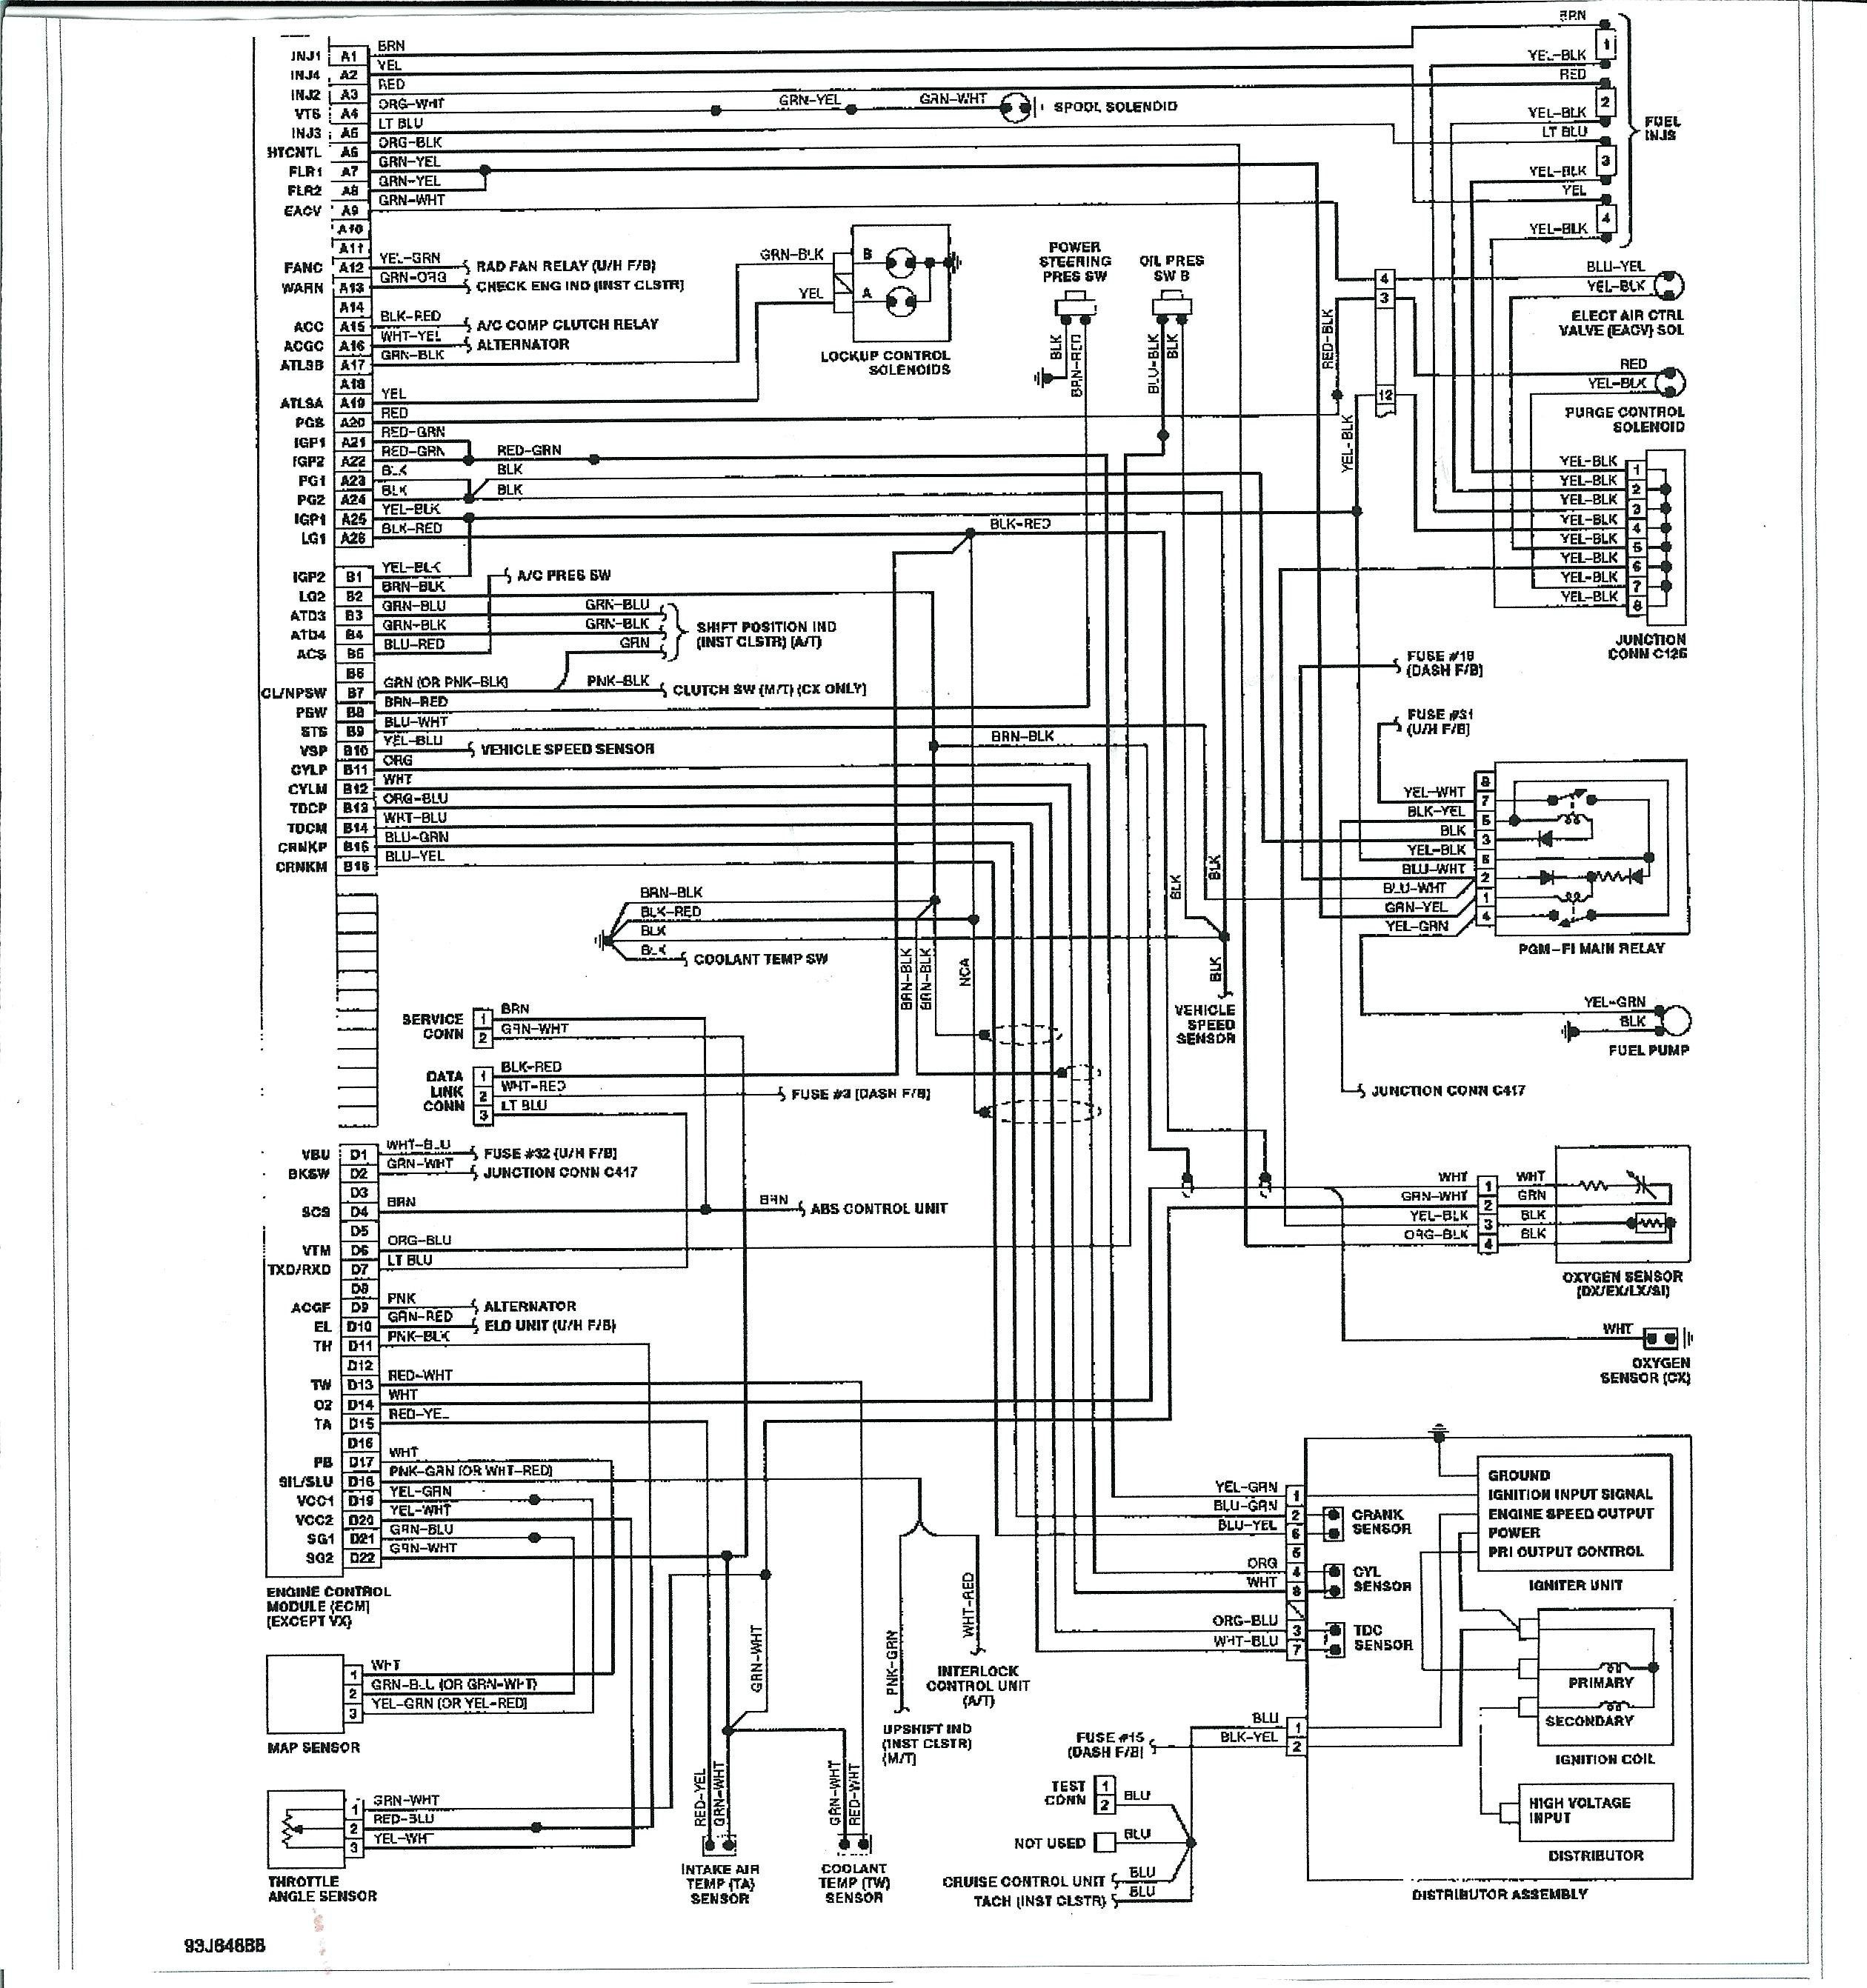 Obd2 Wiring Diagram Imagenes De Electricidad Honda Civic Esquemas Electricos